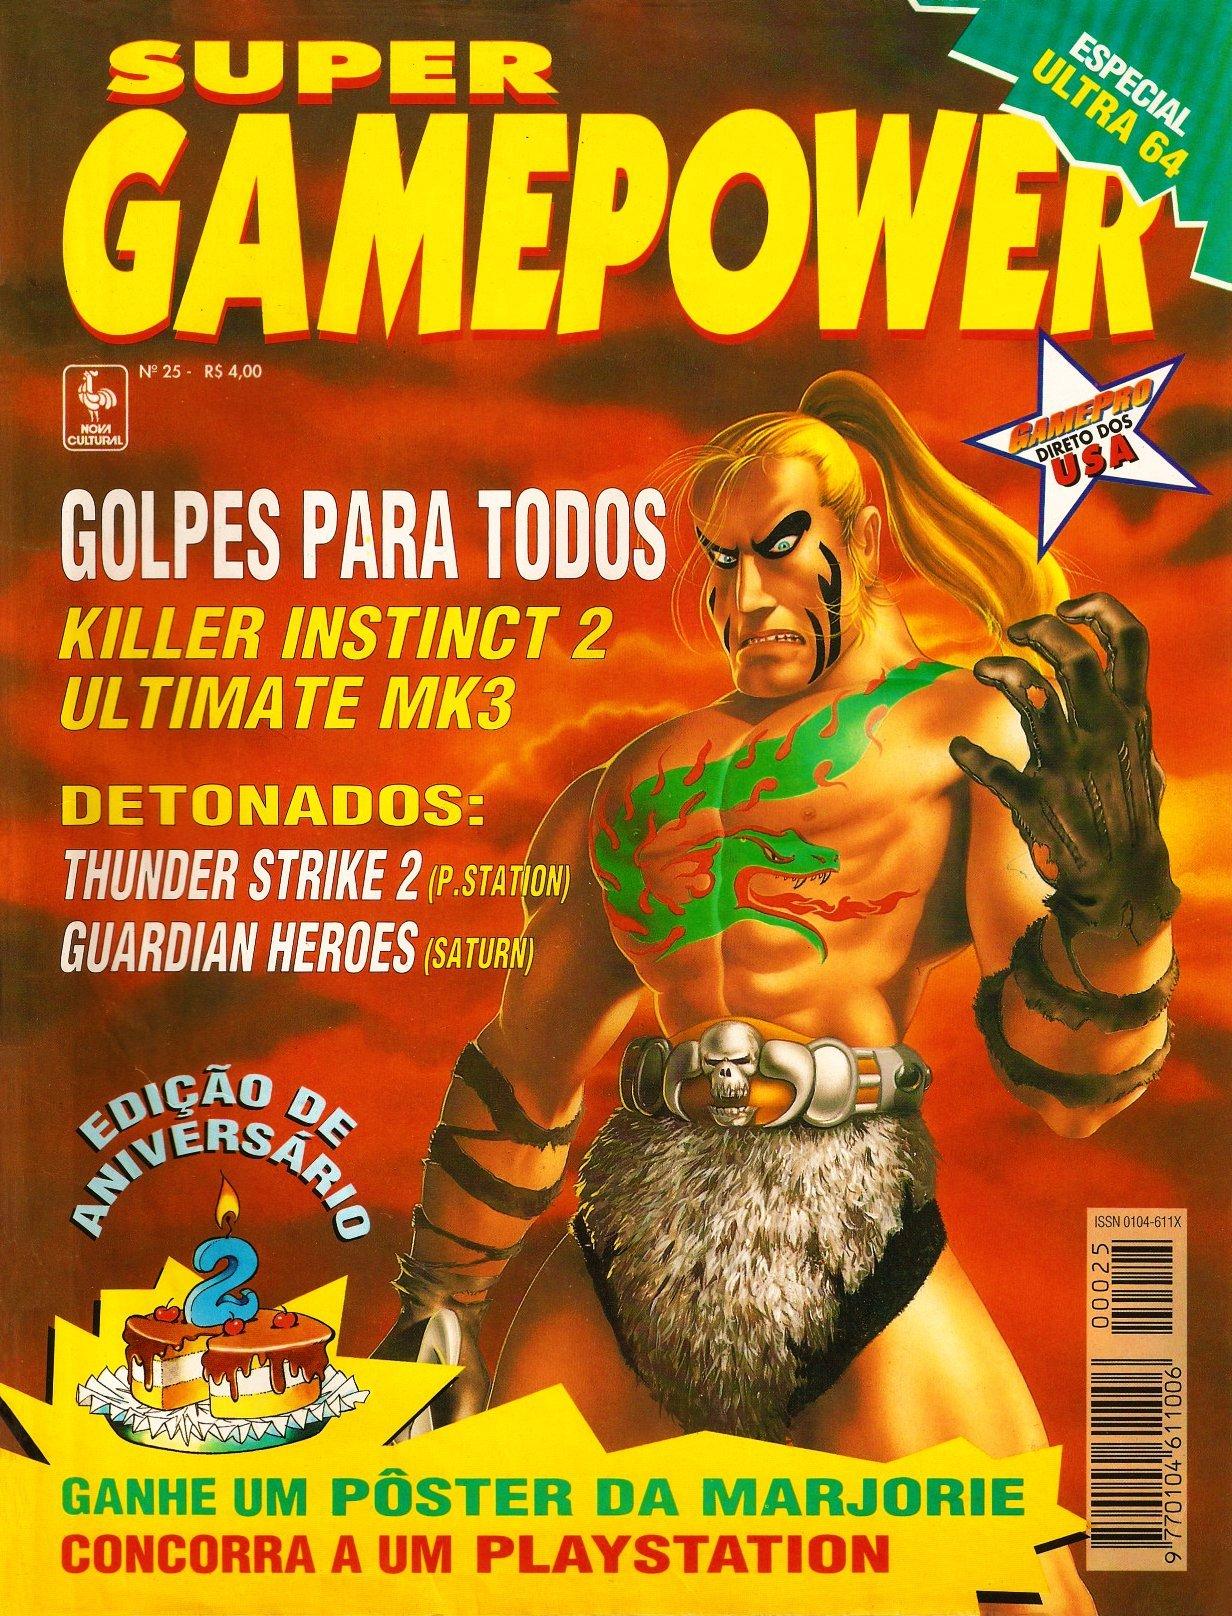 SuperGamePower Issue 025 (April 1996)